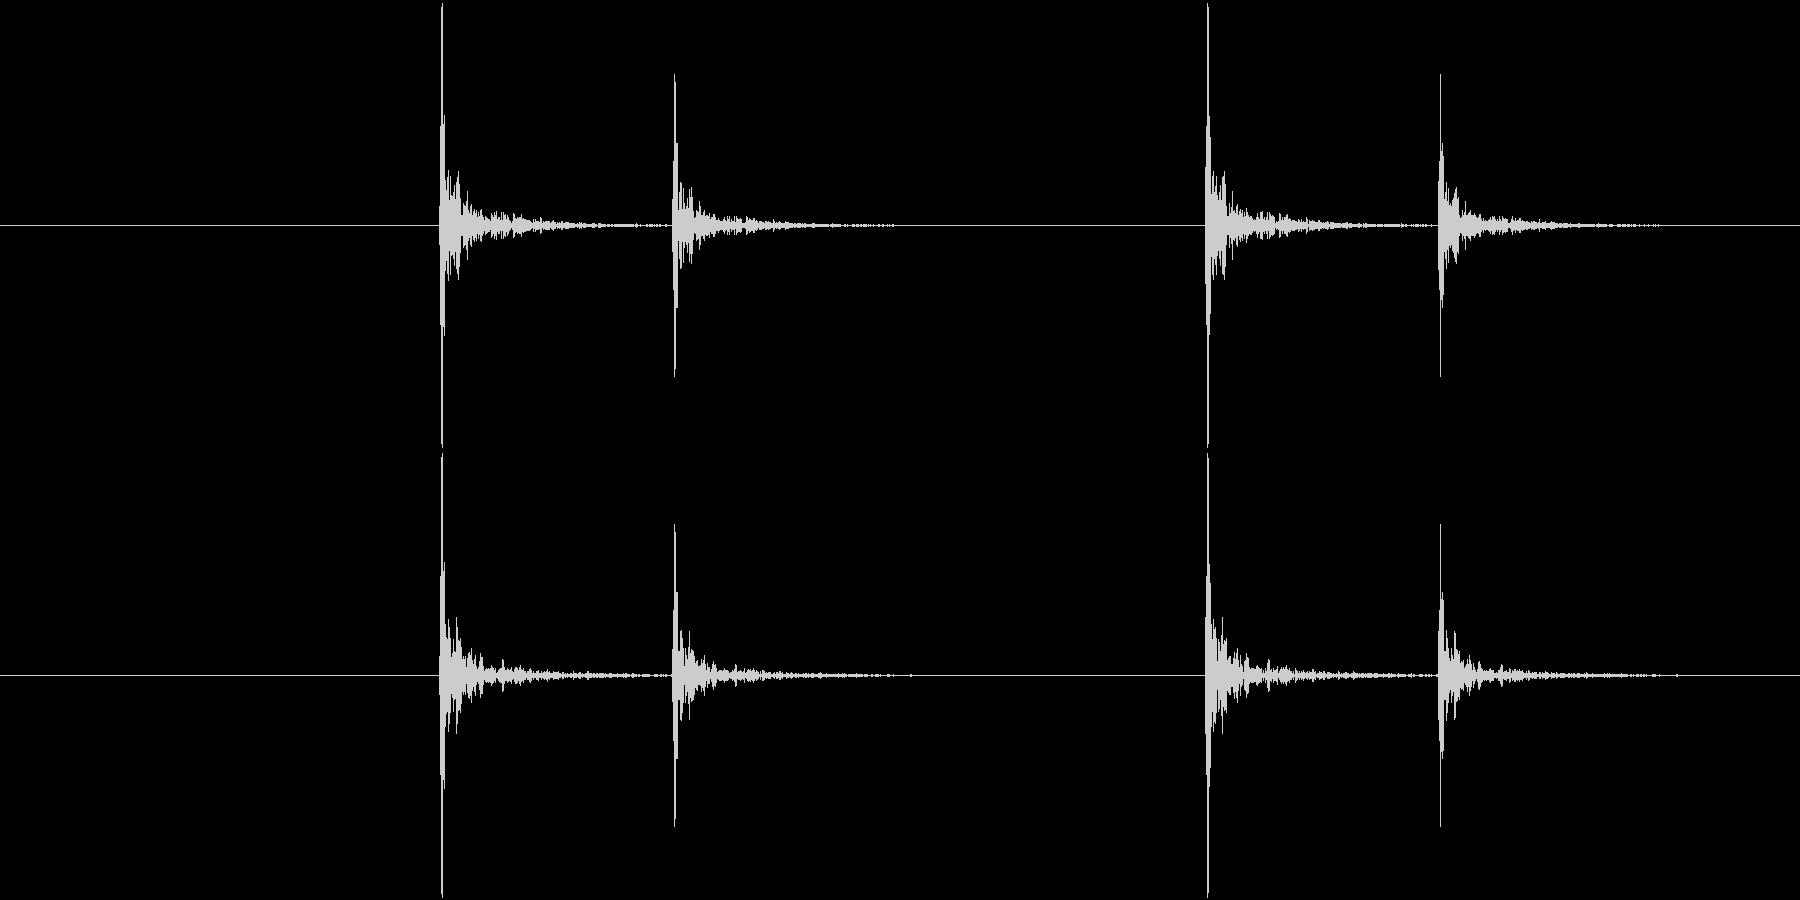 コンコンコンコン、ノック音(4回)の未再生の波形